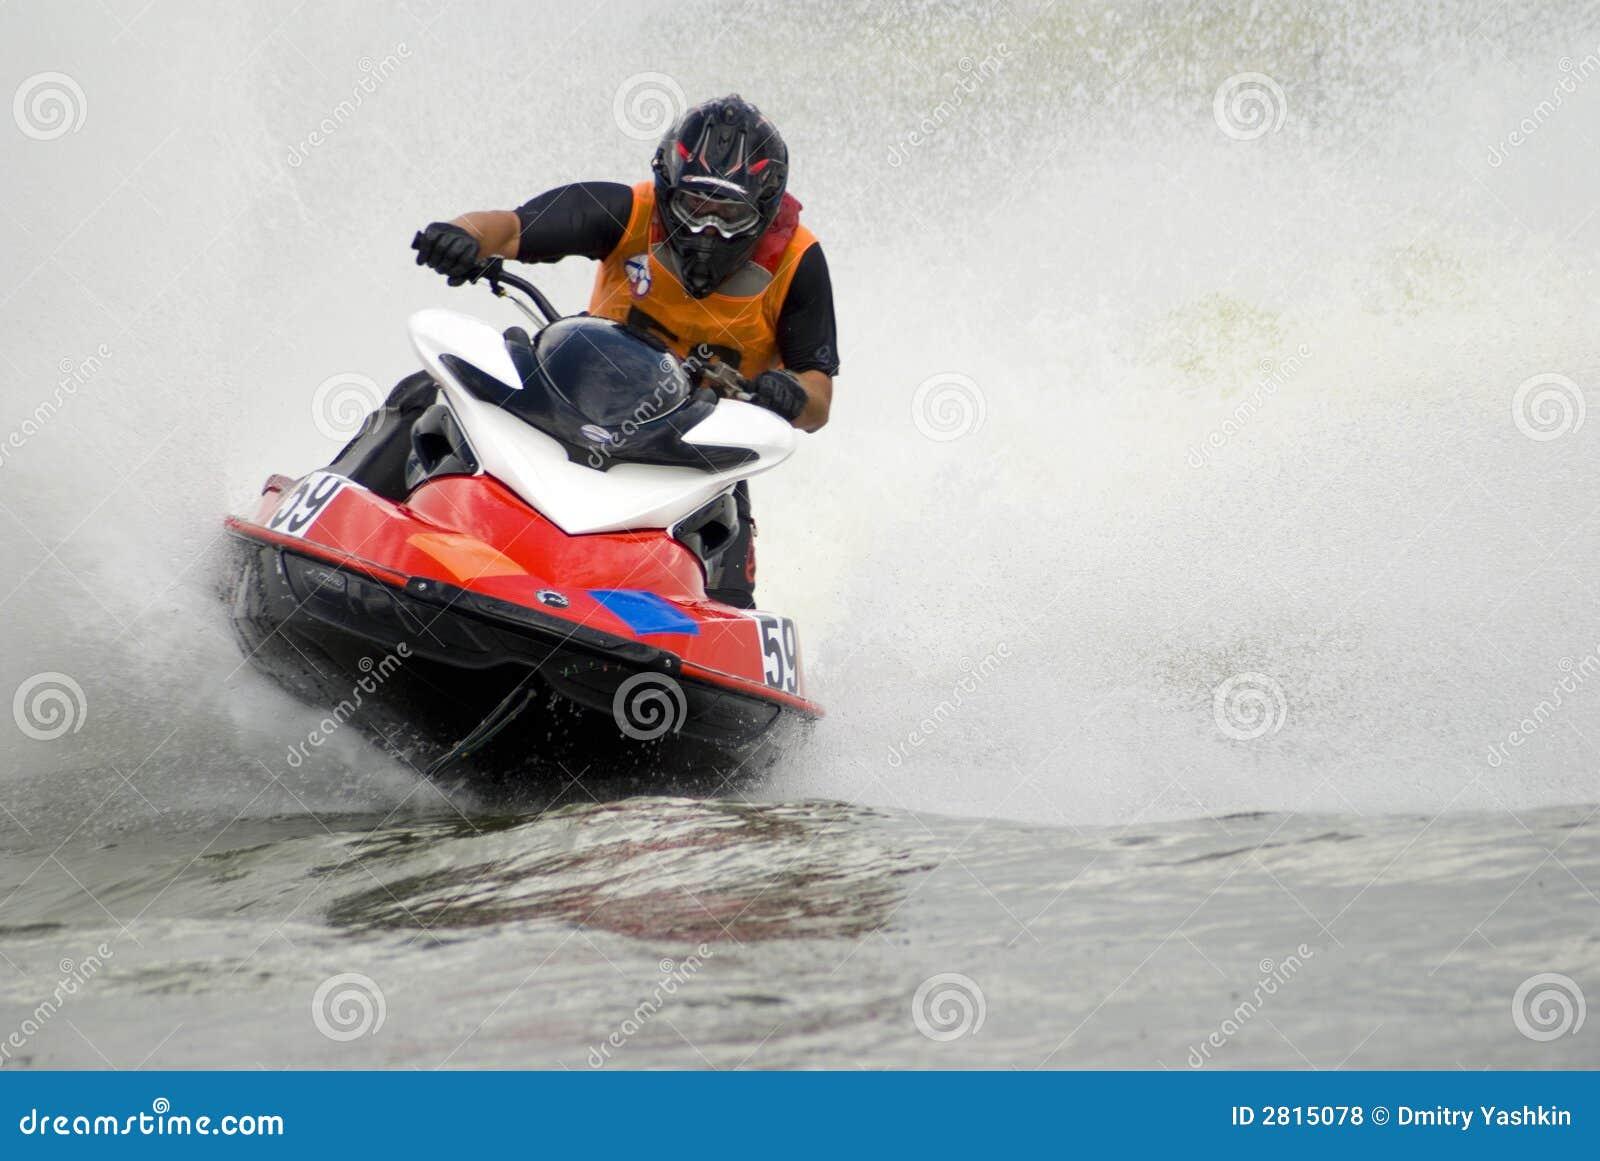 Wysoka prędkość jetski wody.